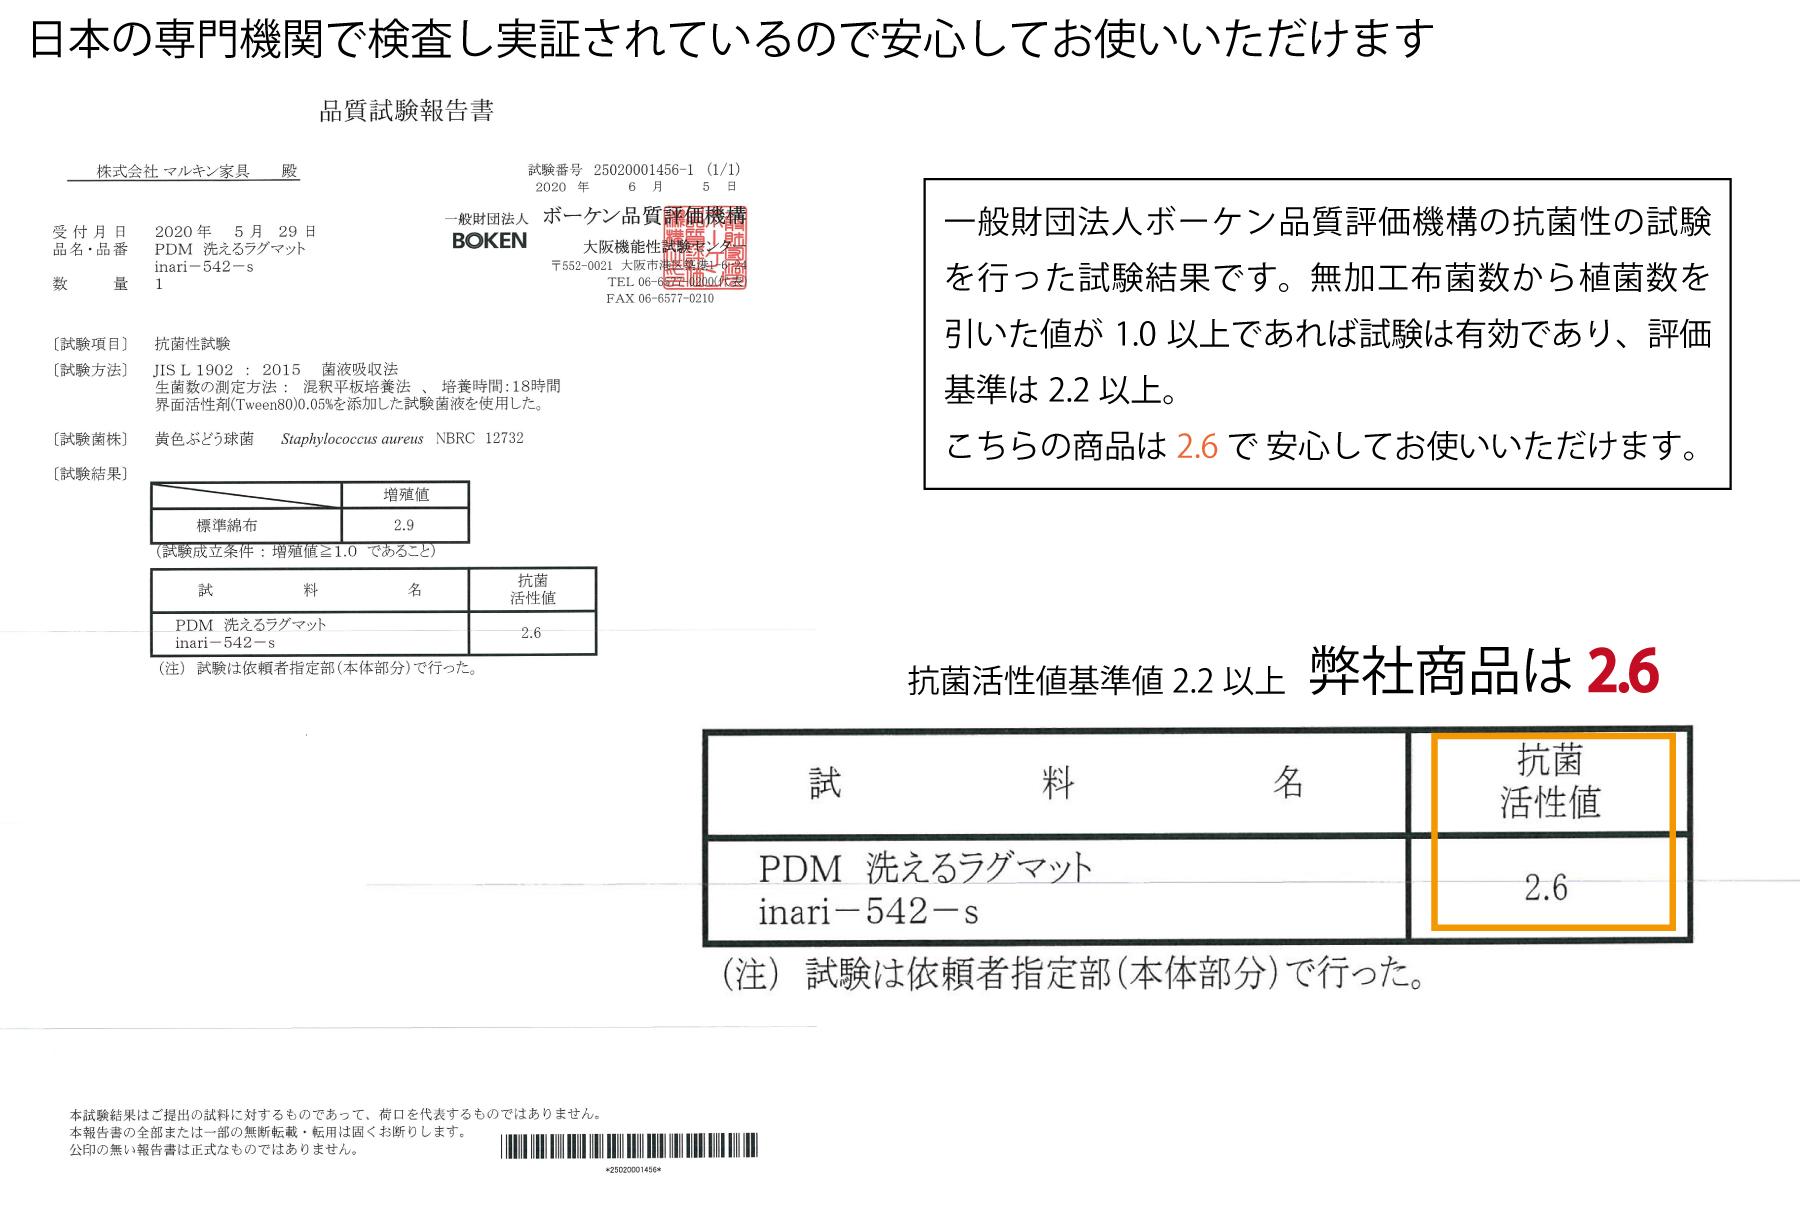 日本の専門機関で検査し、実証されているので安心してお使いいただけます。